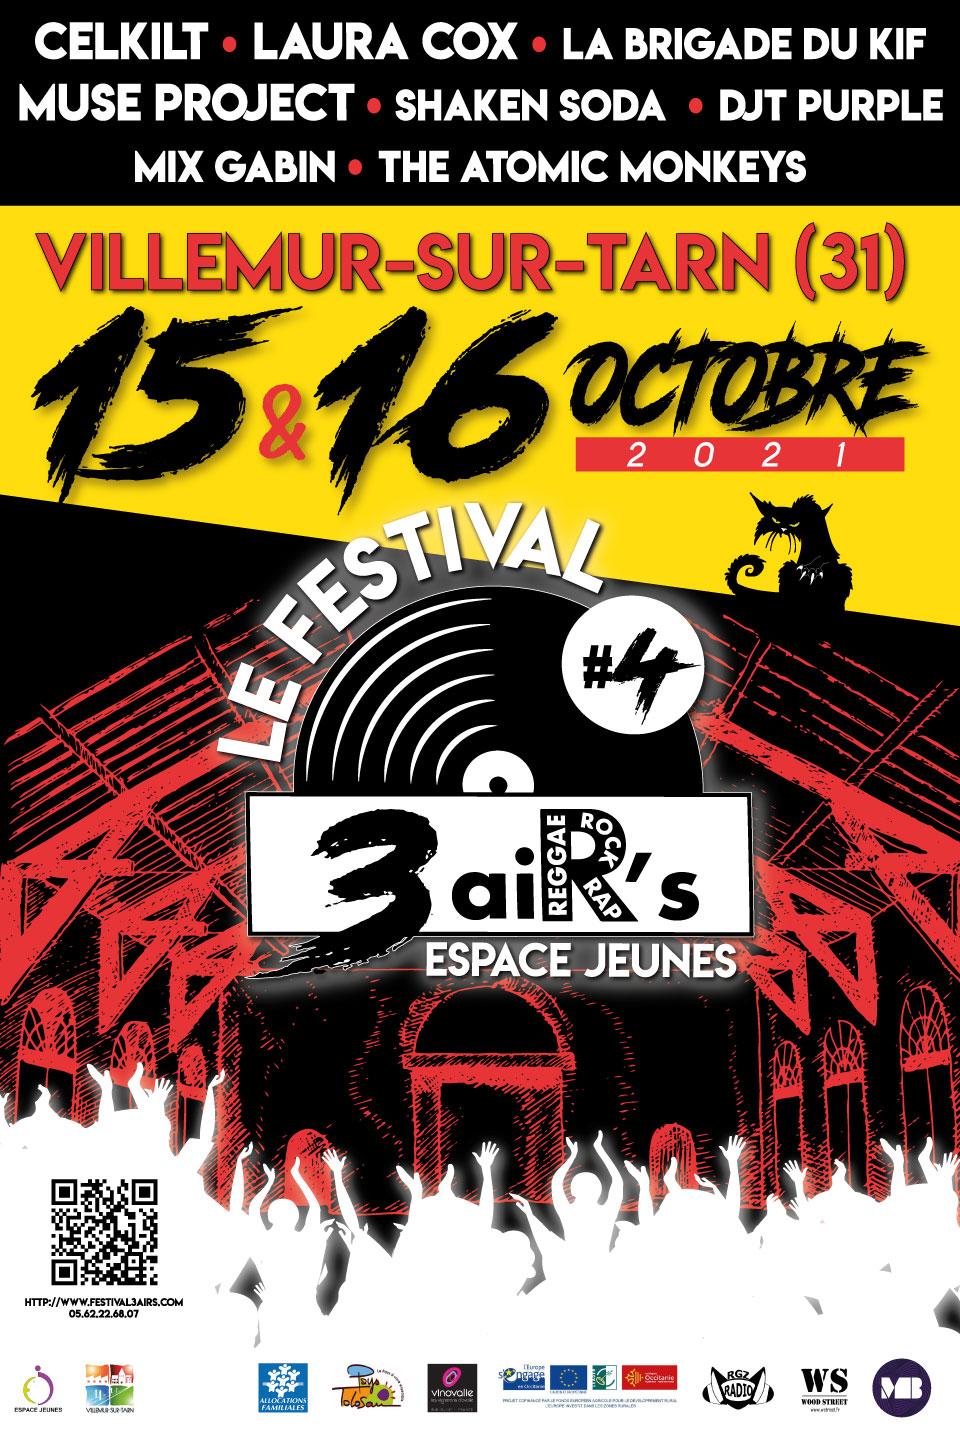 Festival 3 aiR's :  4ème édition sous la Halle Brusson  les 15 et 16 octobre 2021